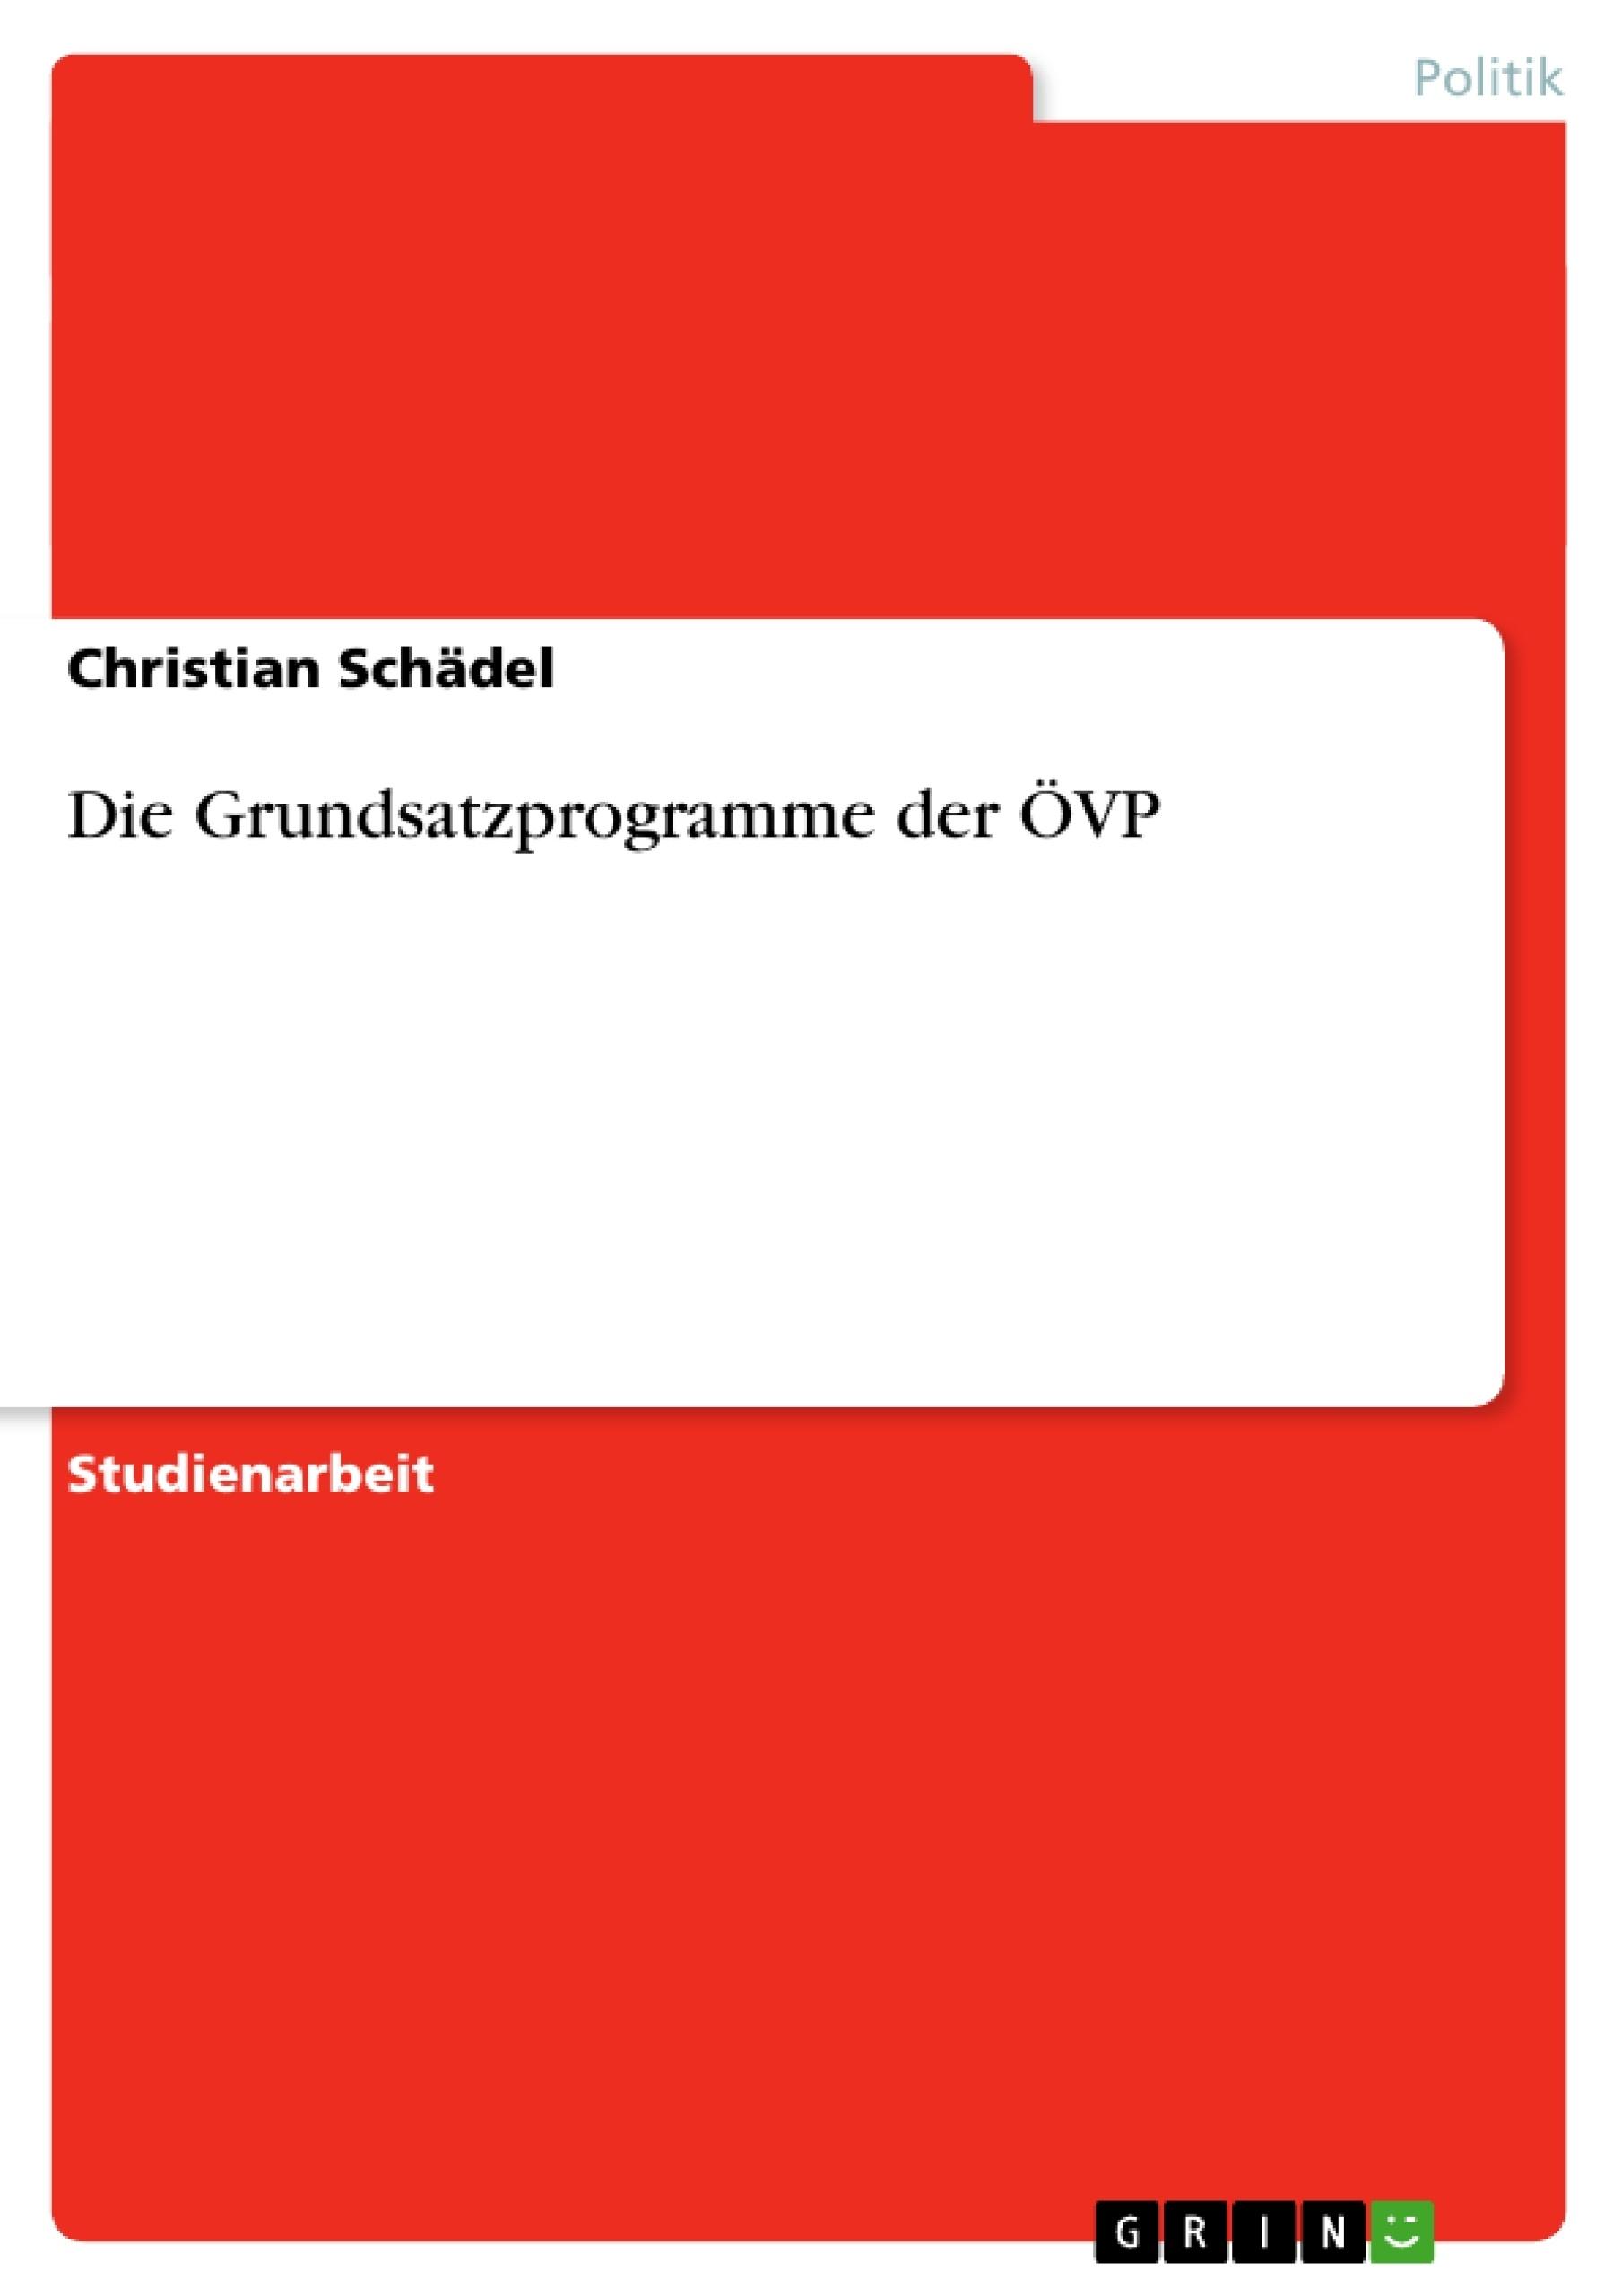 Titel: Die Grundsatzprogramme der ÖVP